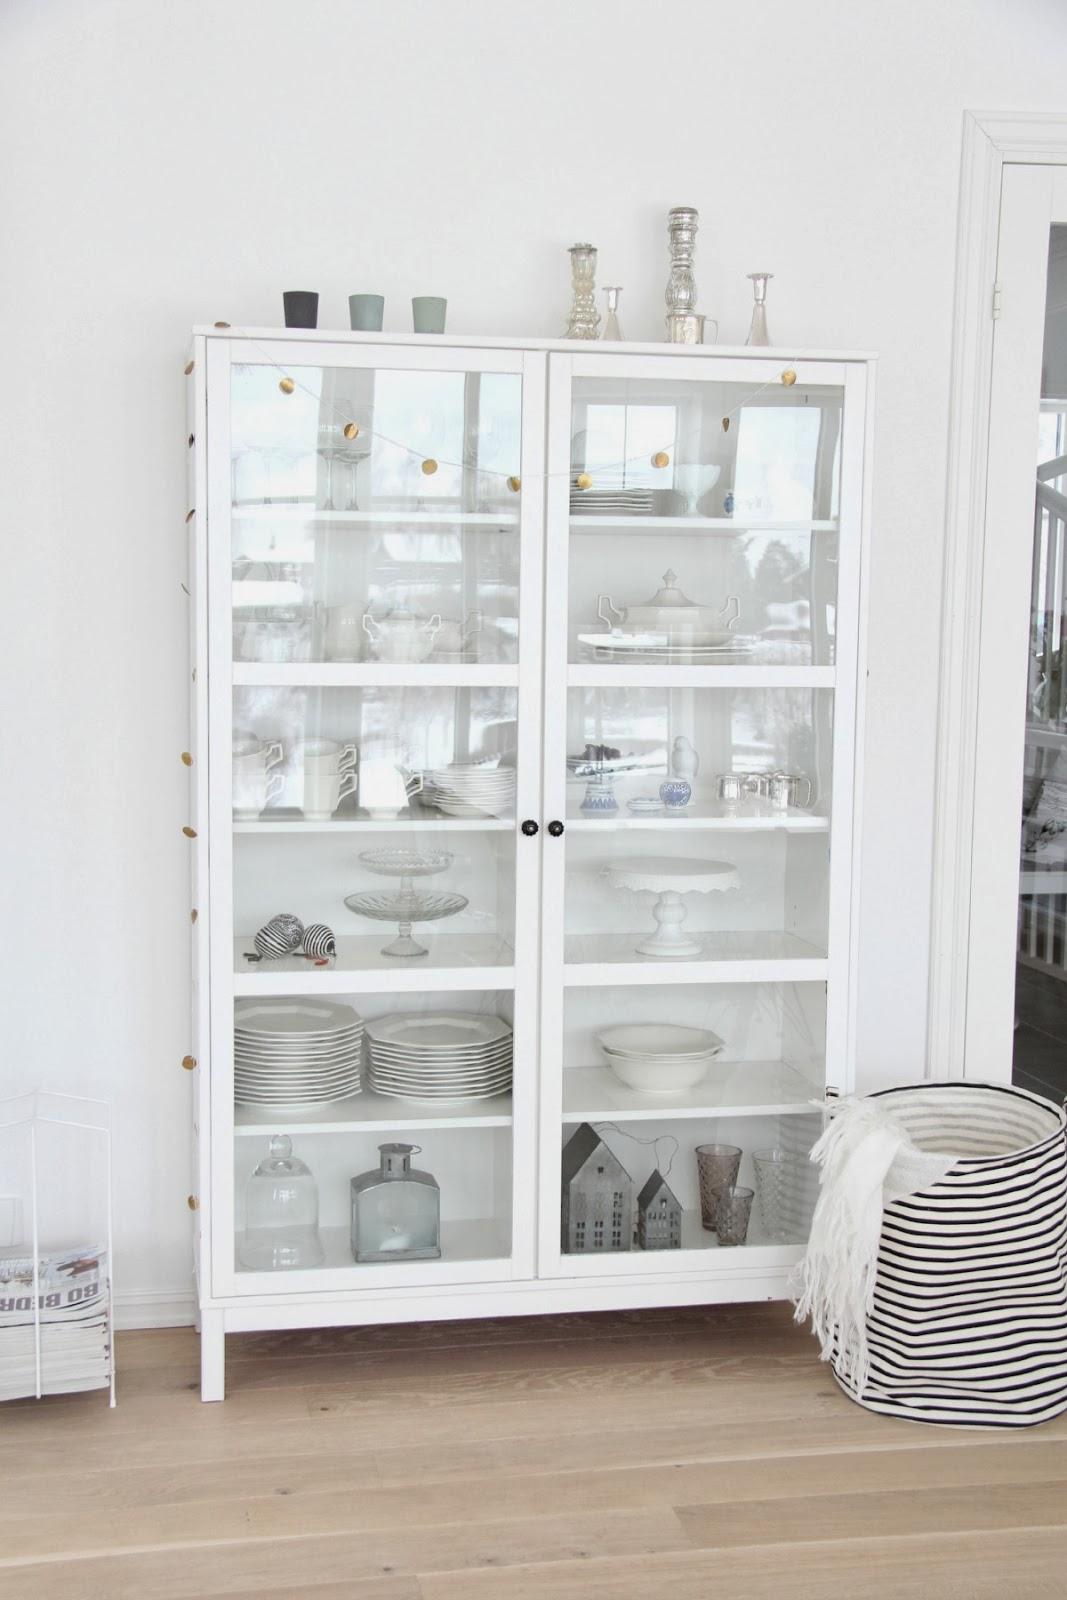 sweet chili januar 2014. Black Bedroom Furniture Sets. Home Design Ideas